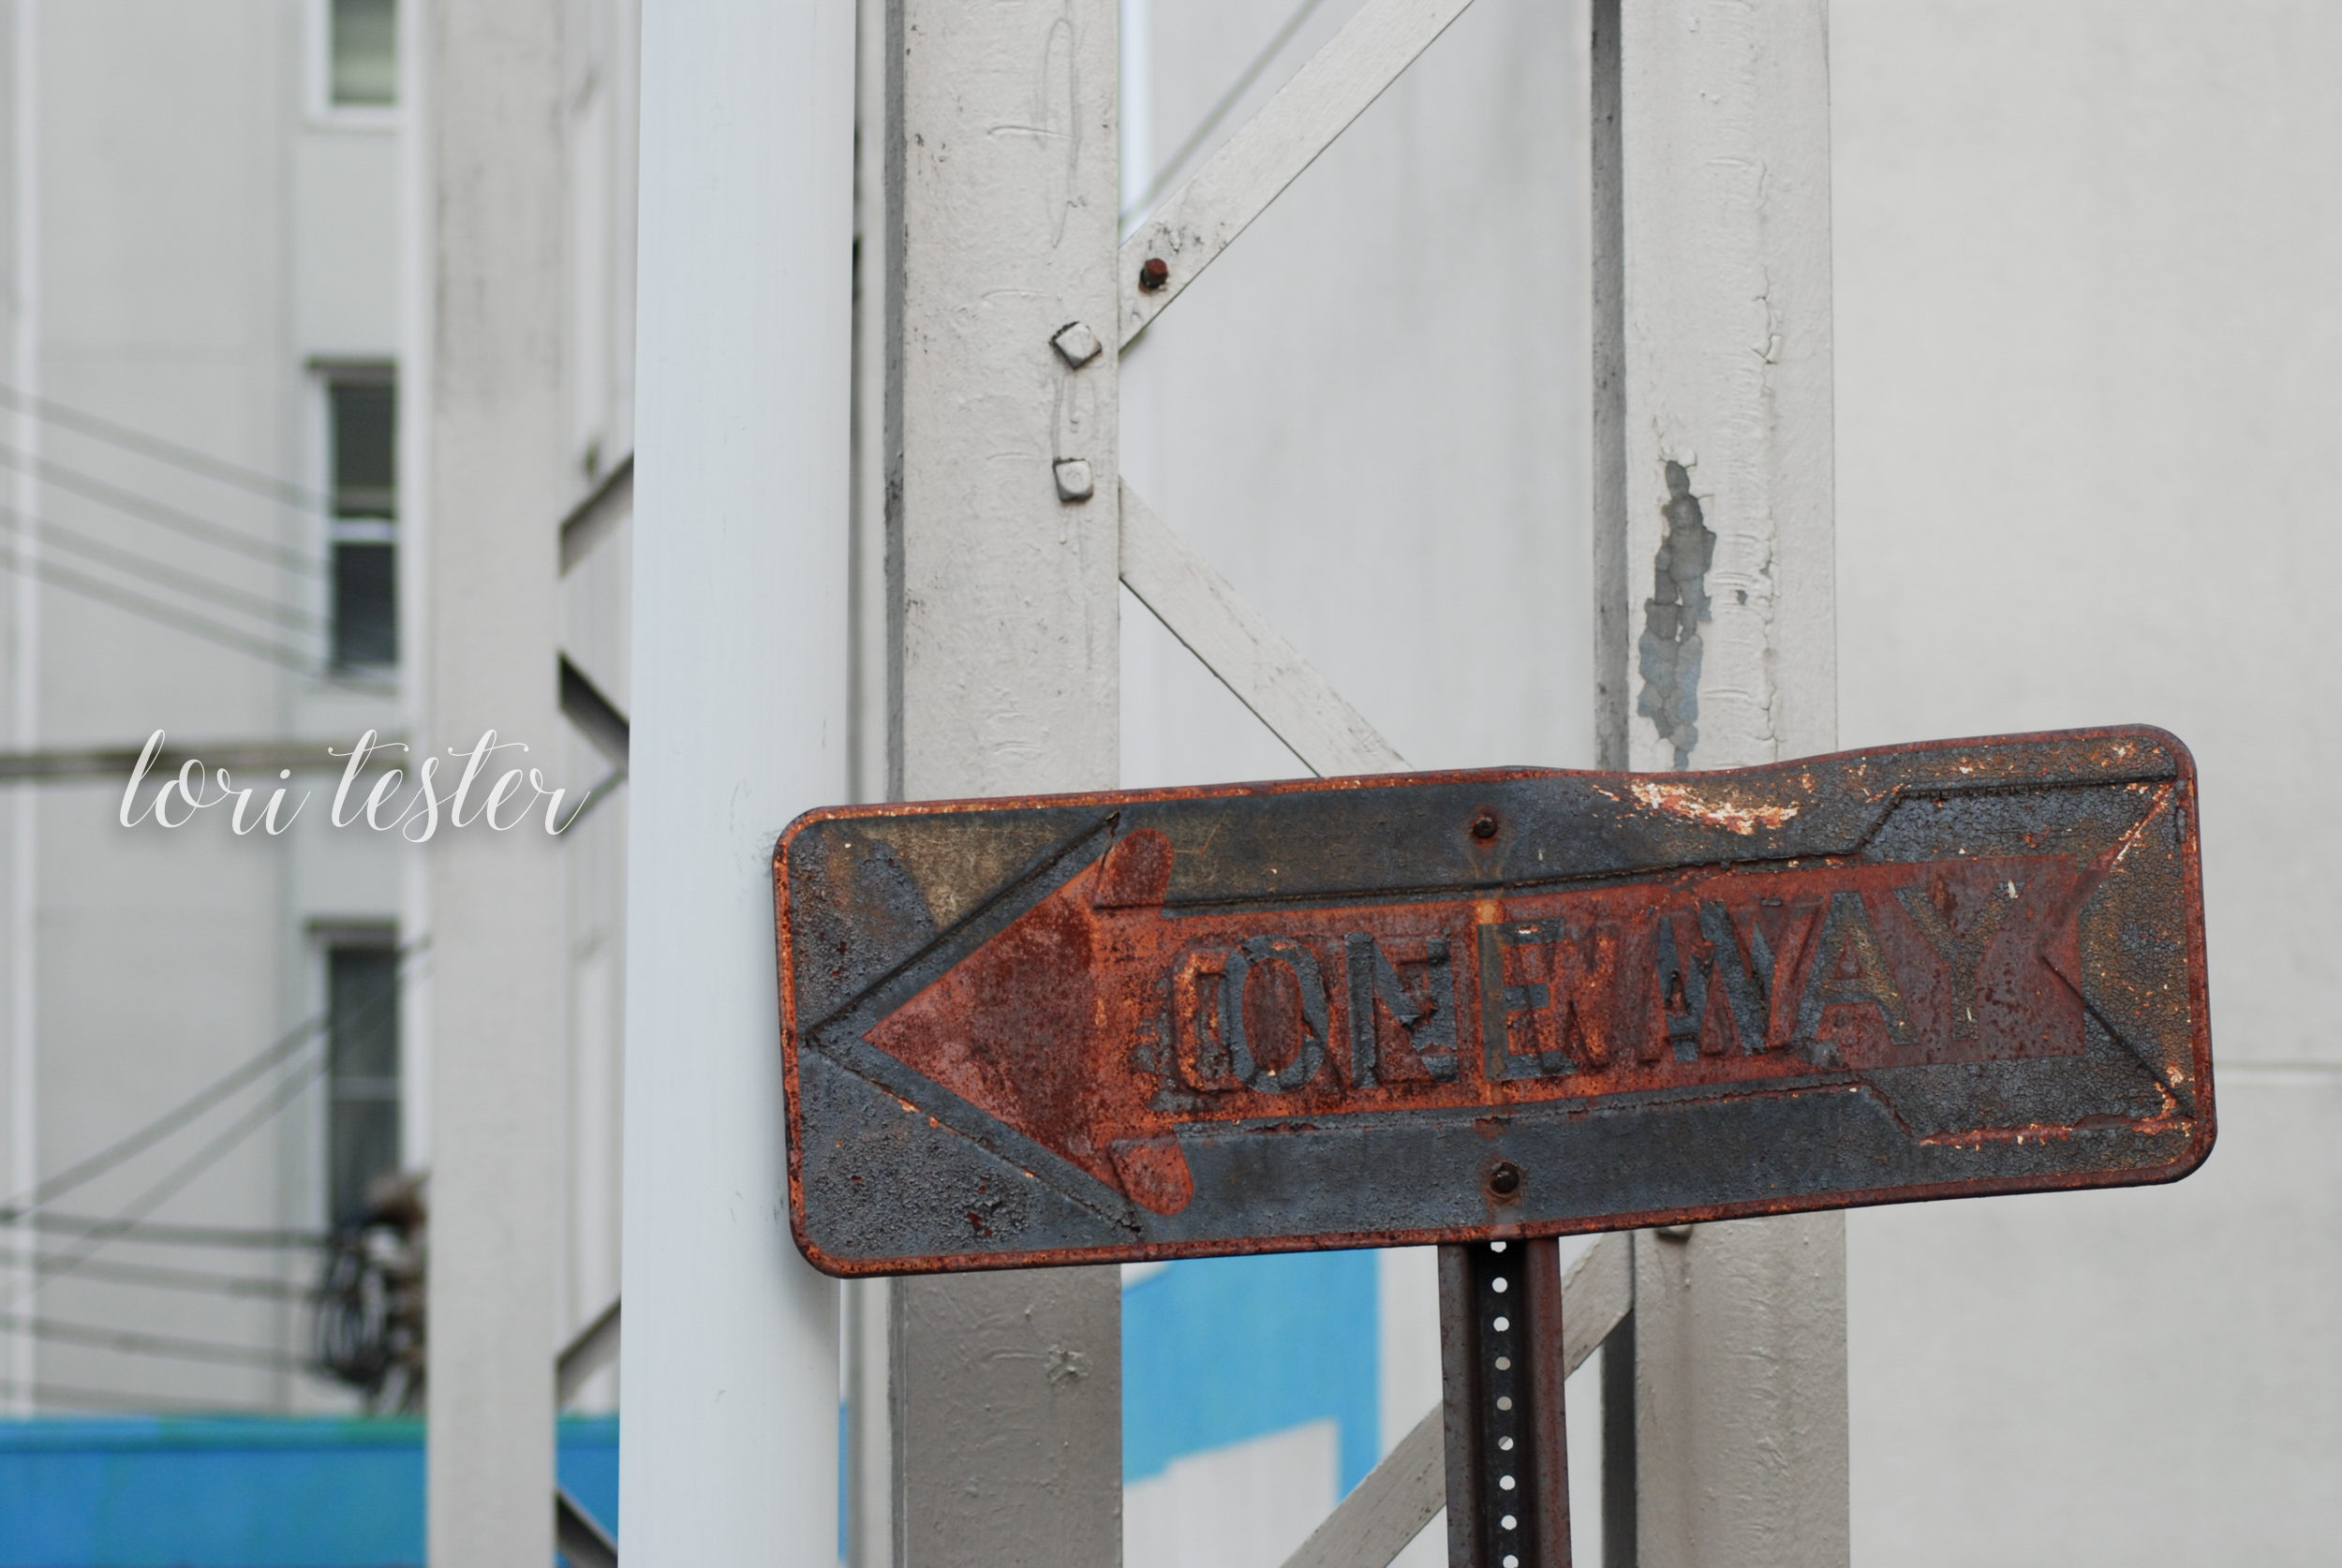 One Rusty Way